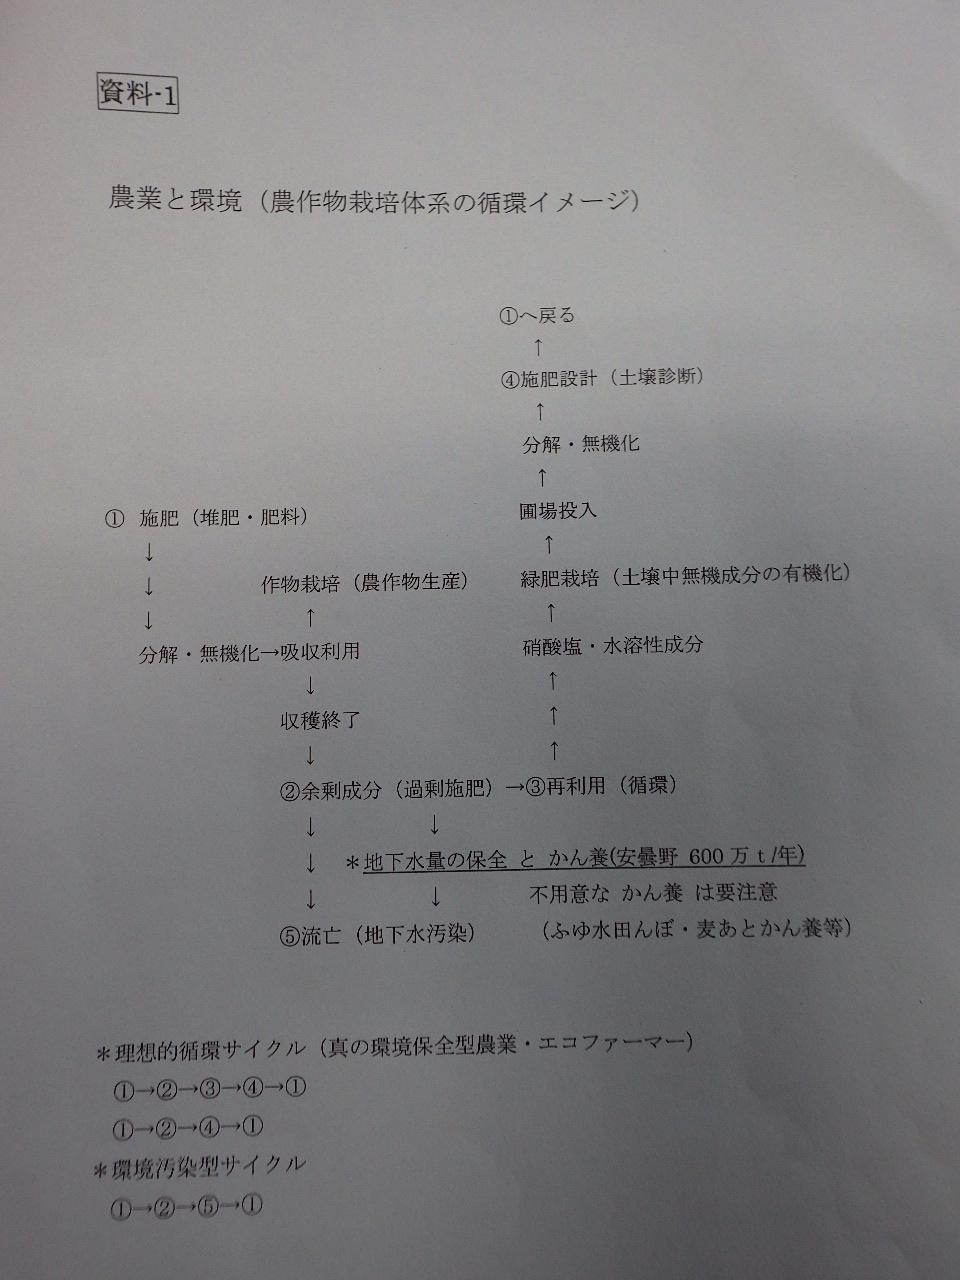 ぷ組み主催 土の強化合宿!_a0256619_14455266.jpg